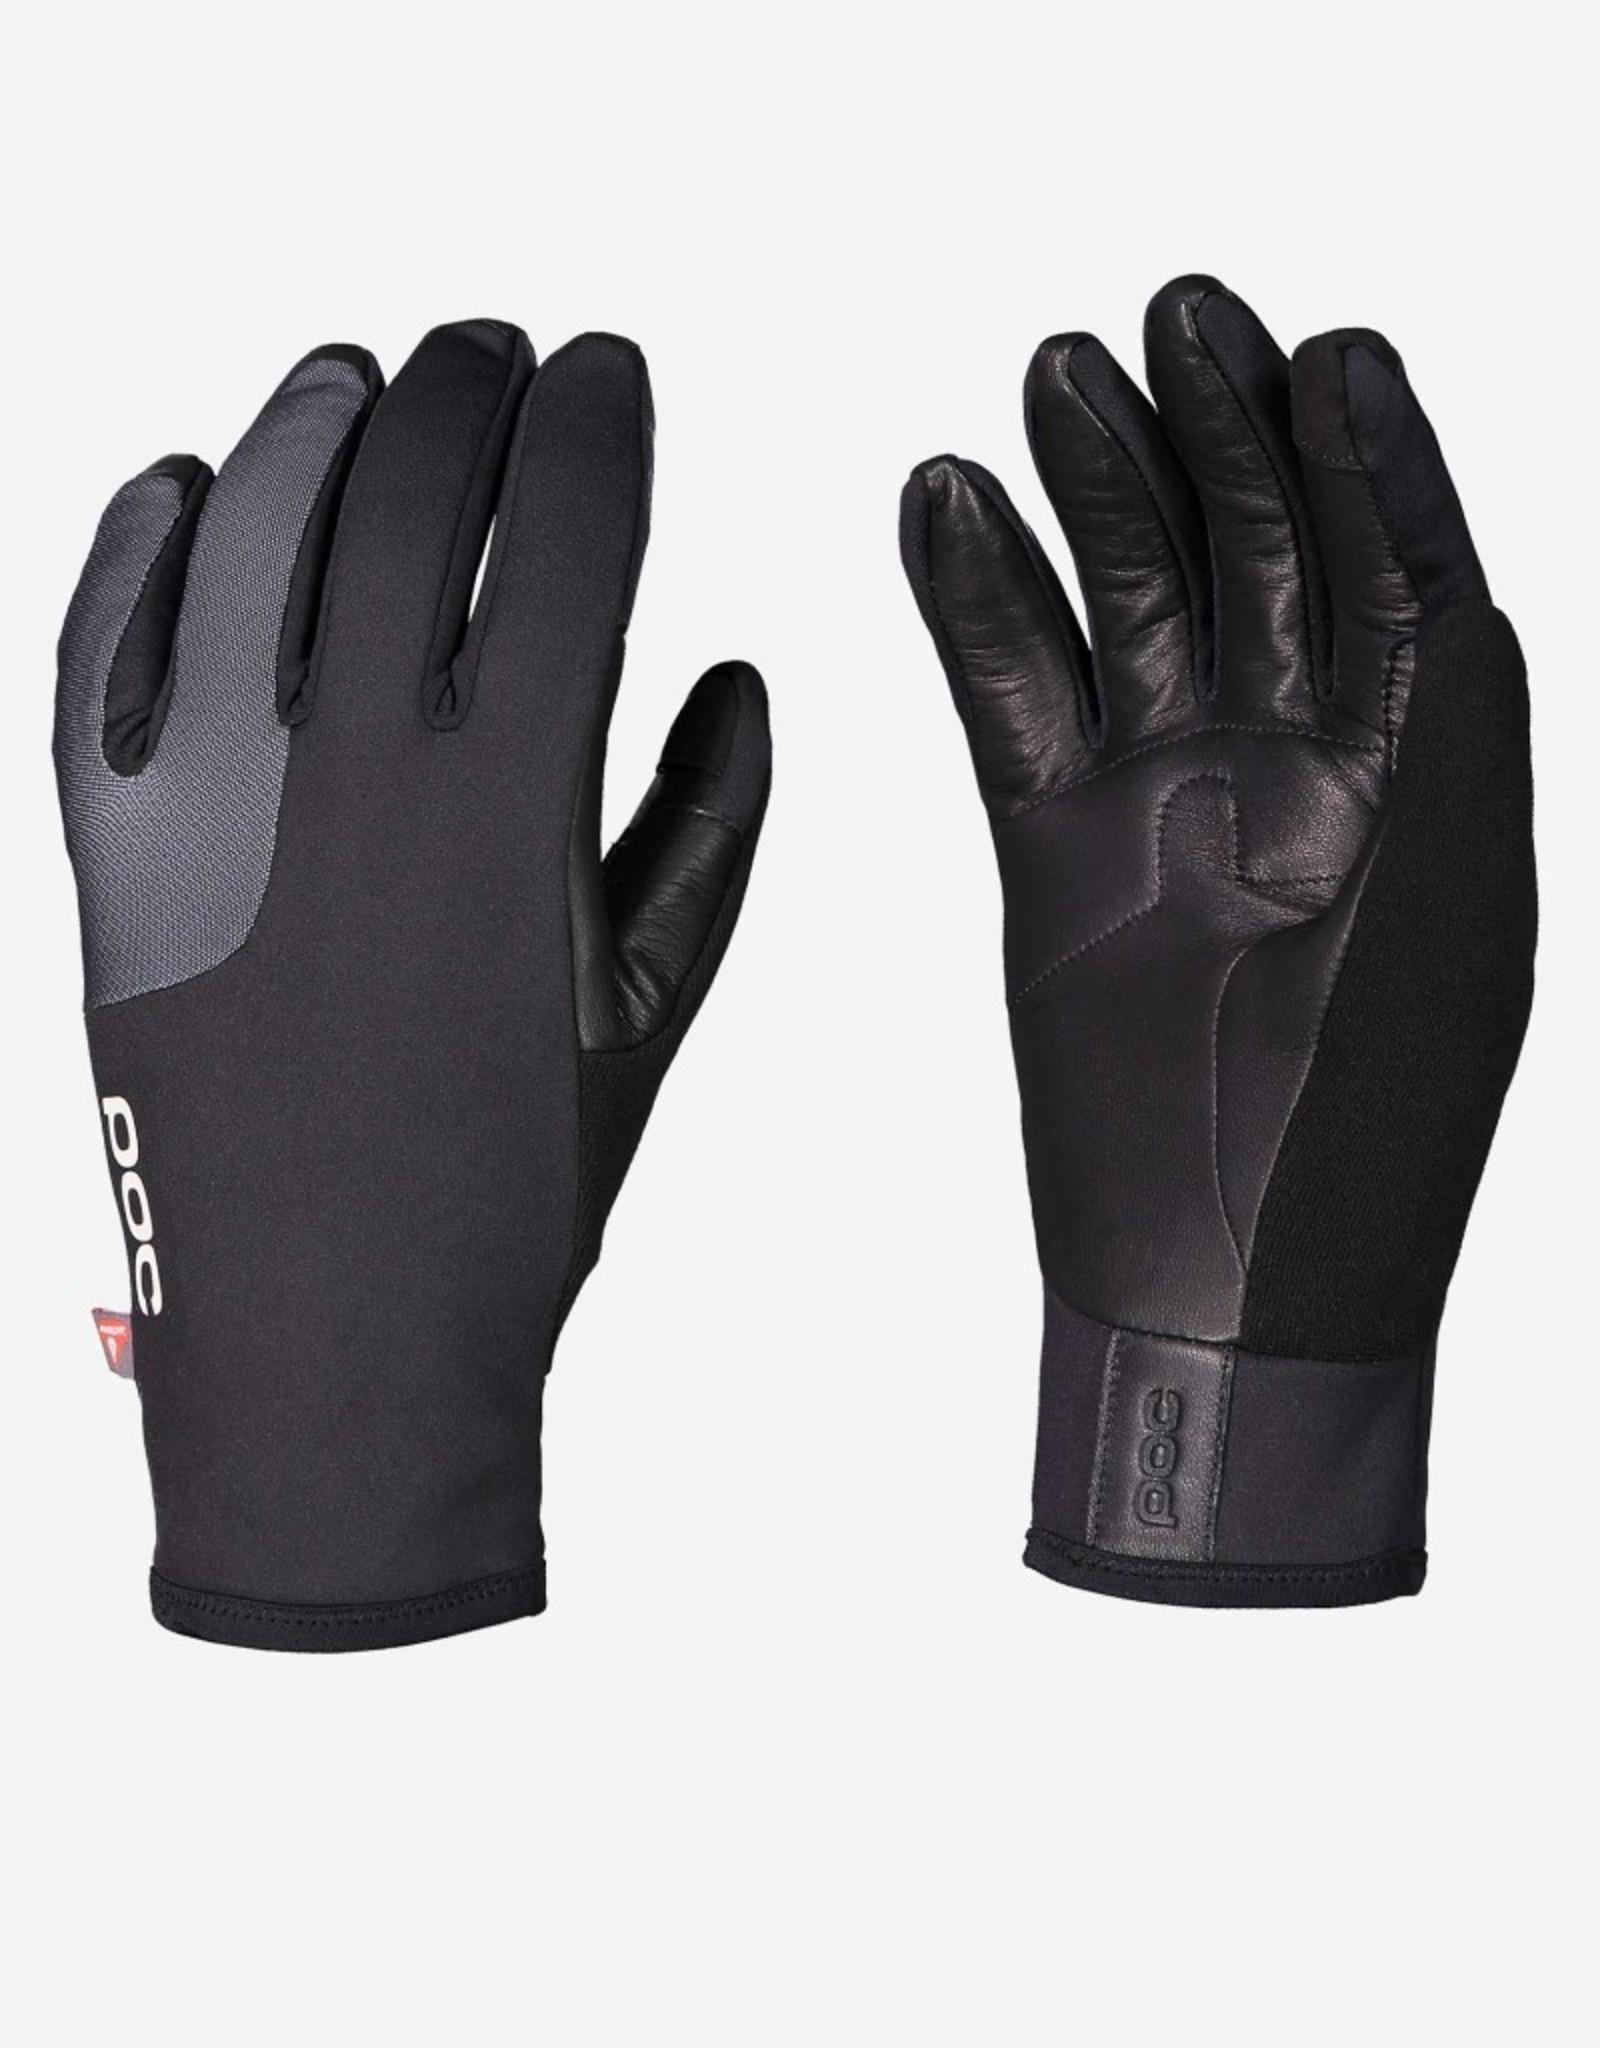 POC Thermische fietshandschoen voor in de winter - uranium zwart